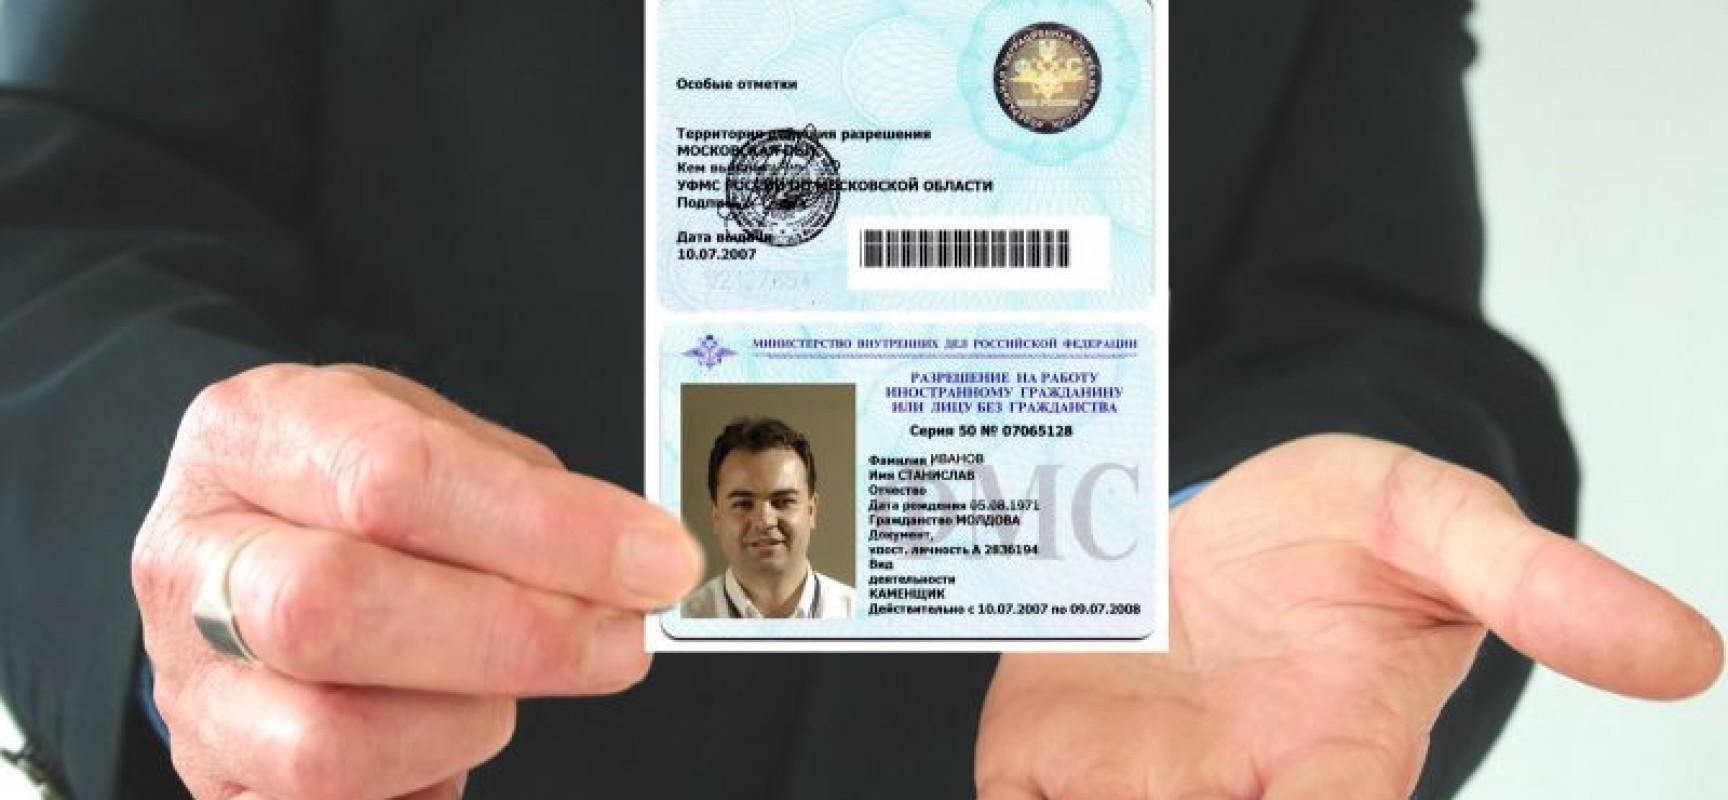 Увольнение иностранного гражданина